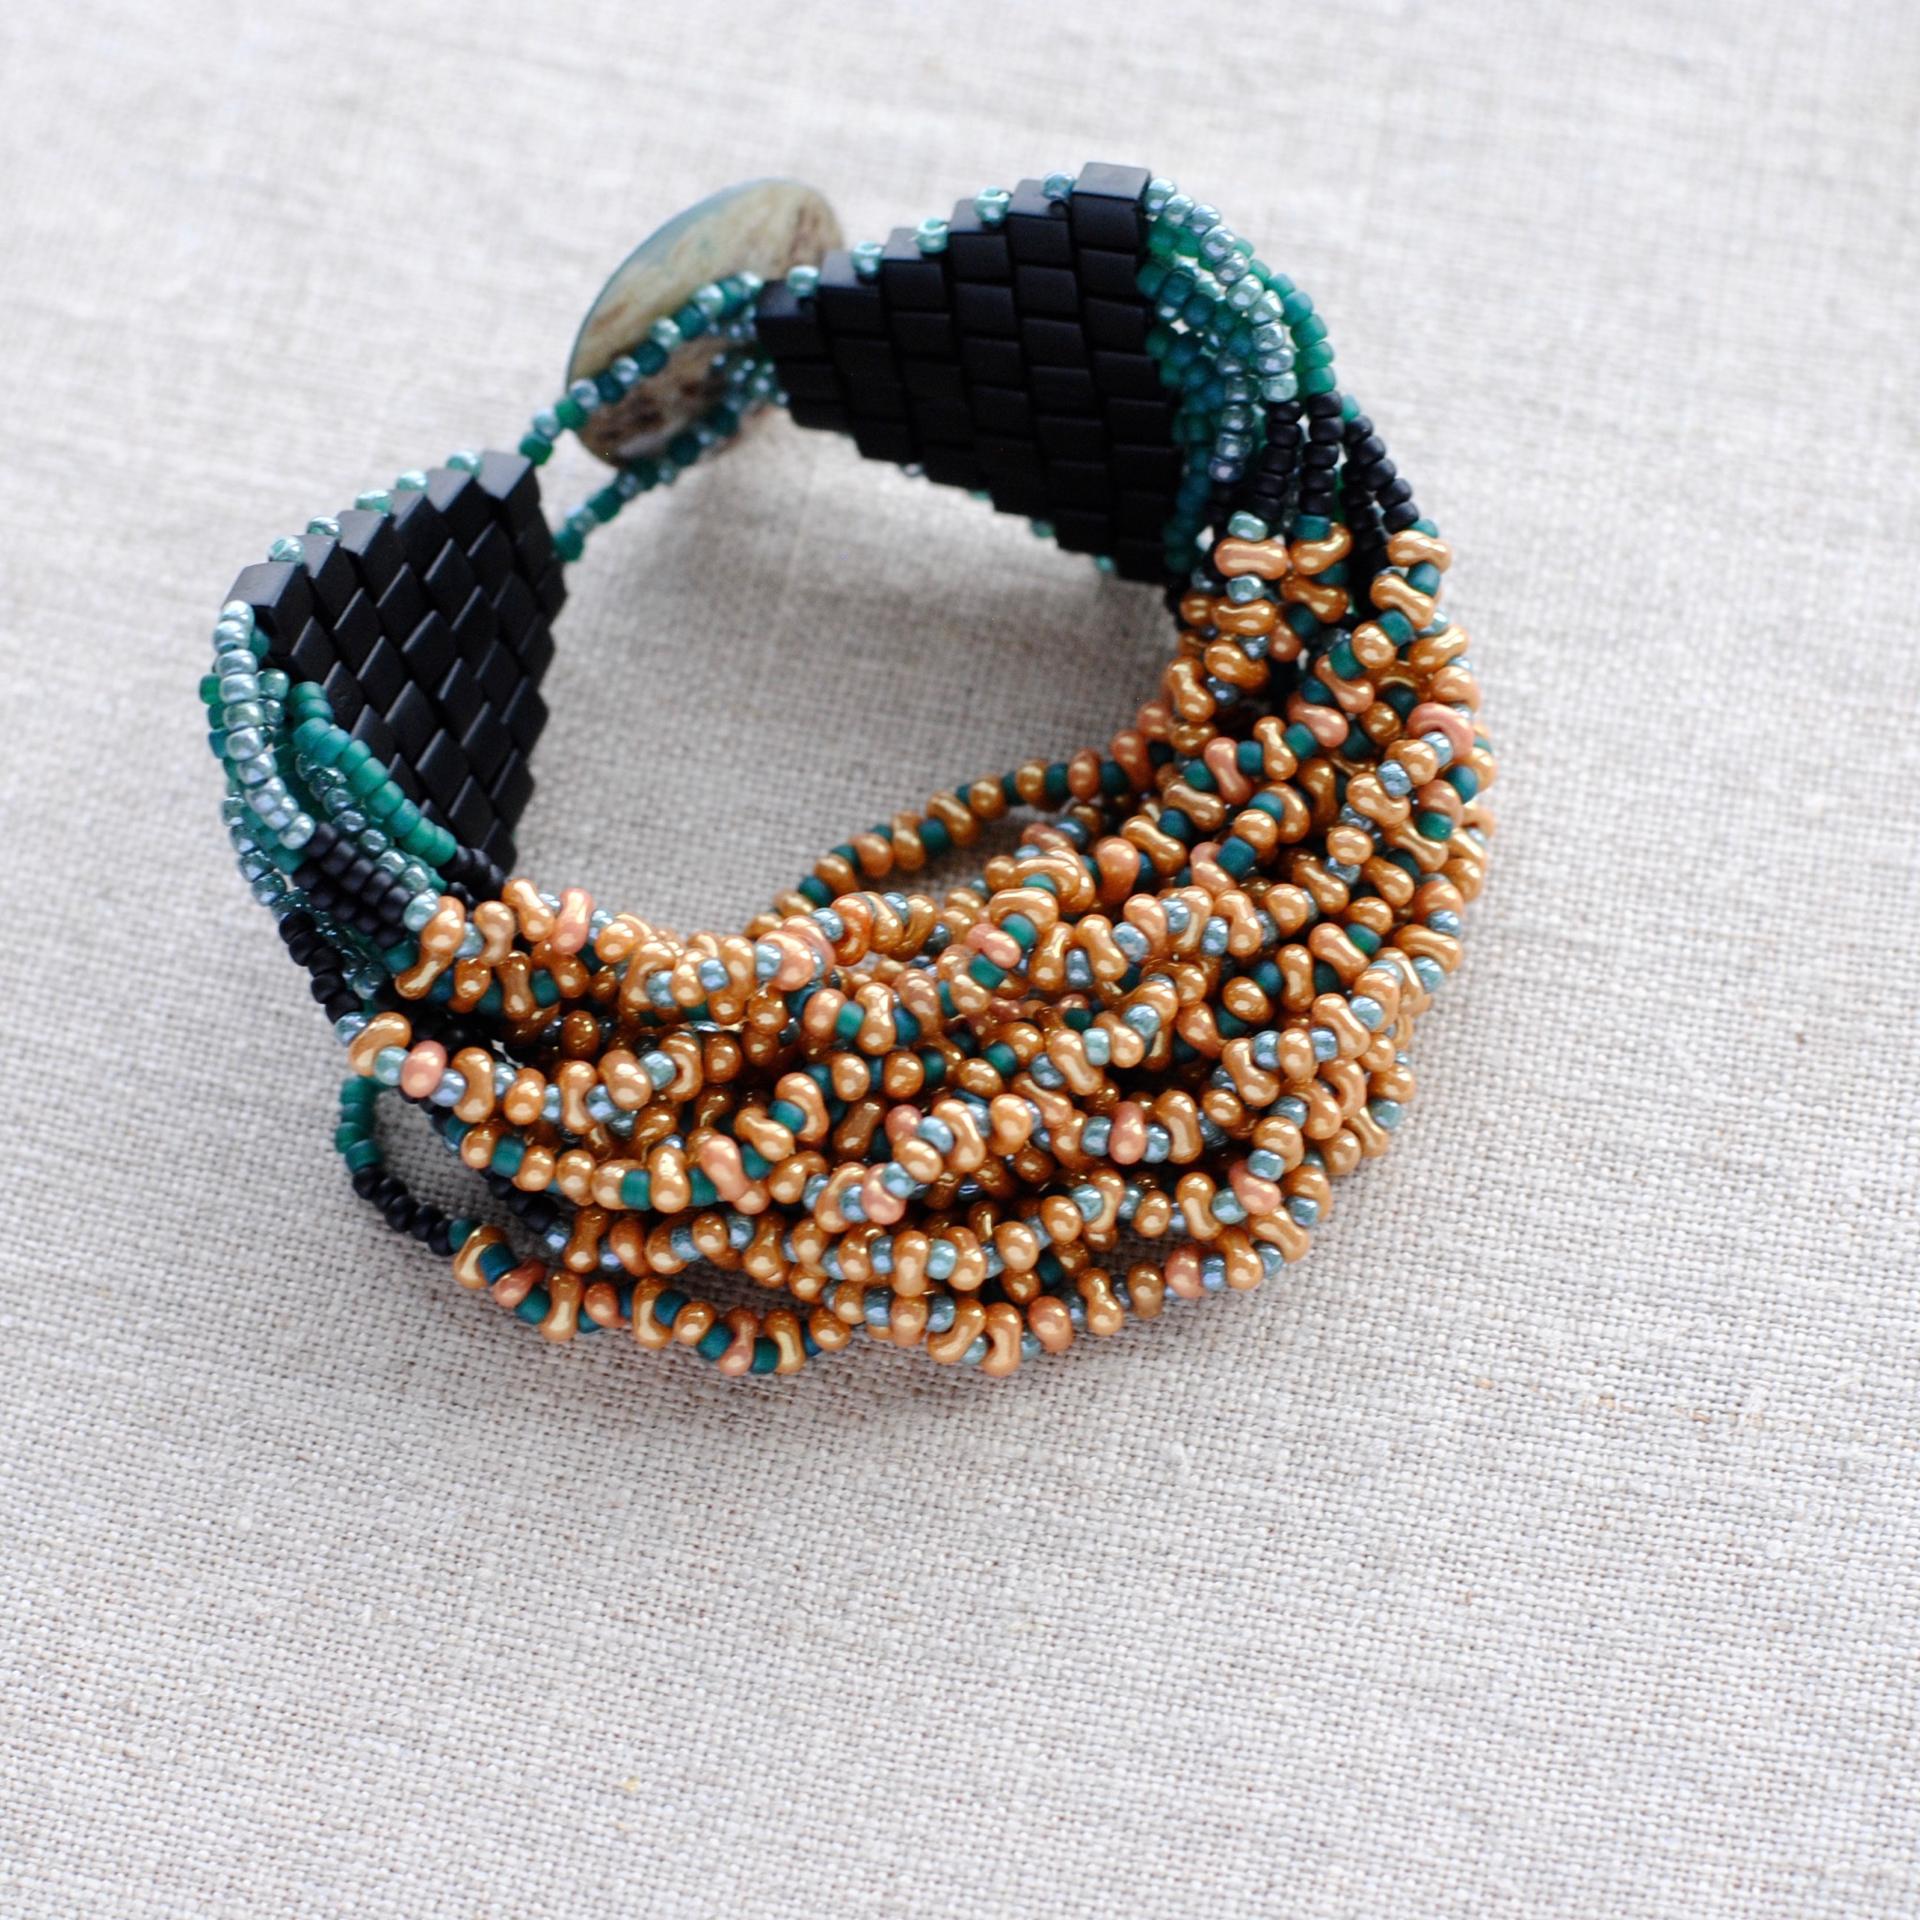 B031 Bracelet  by Sam Taylor